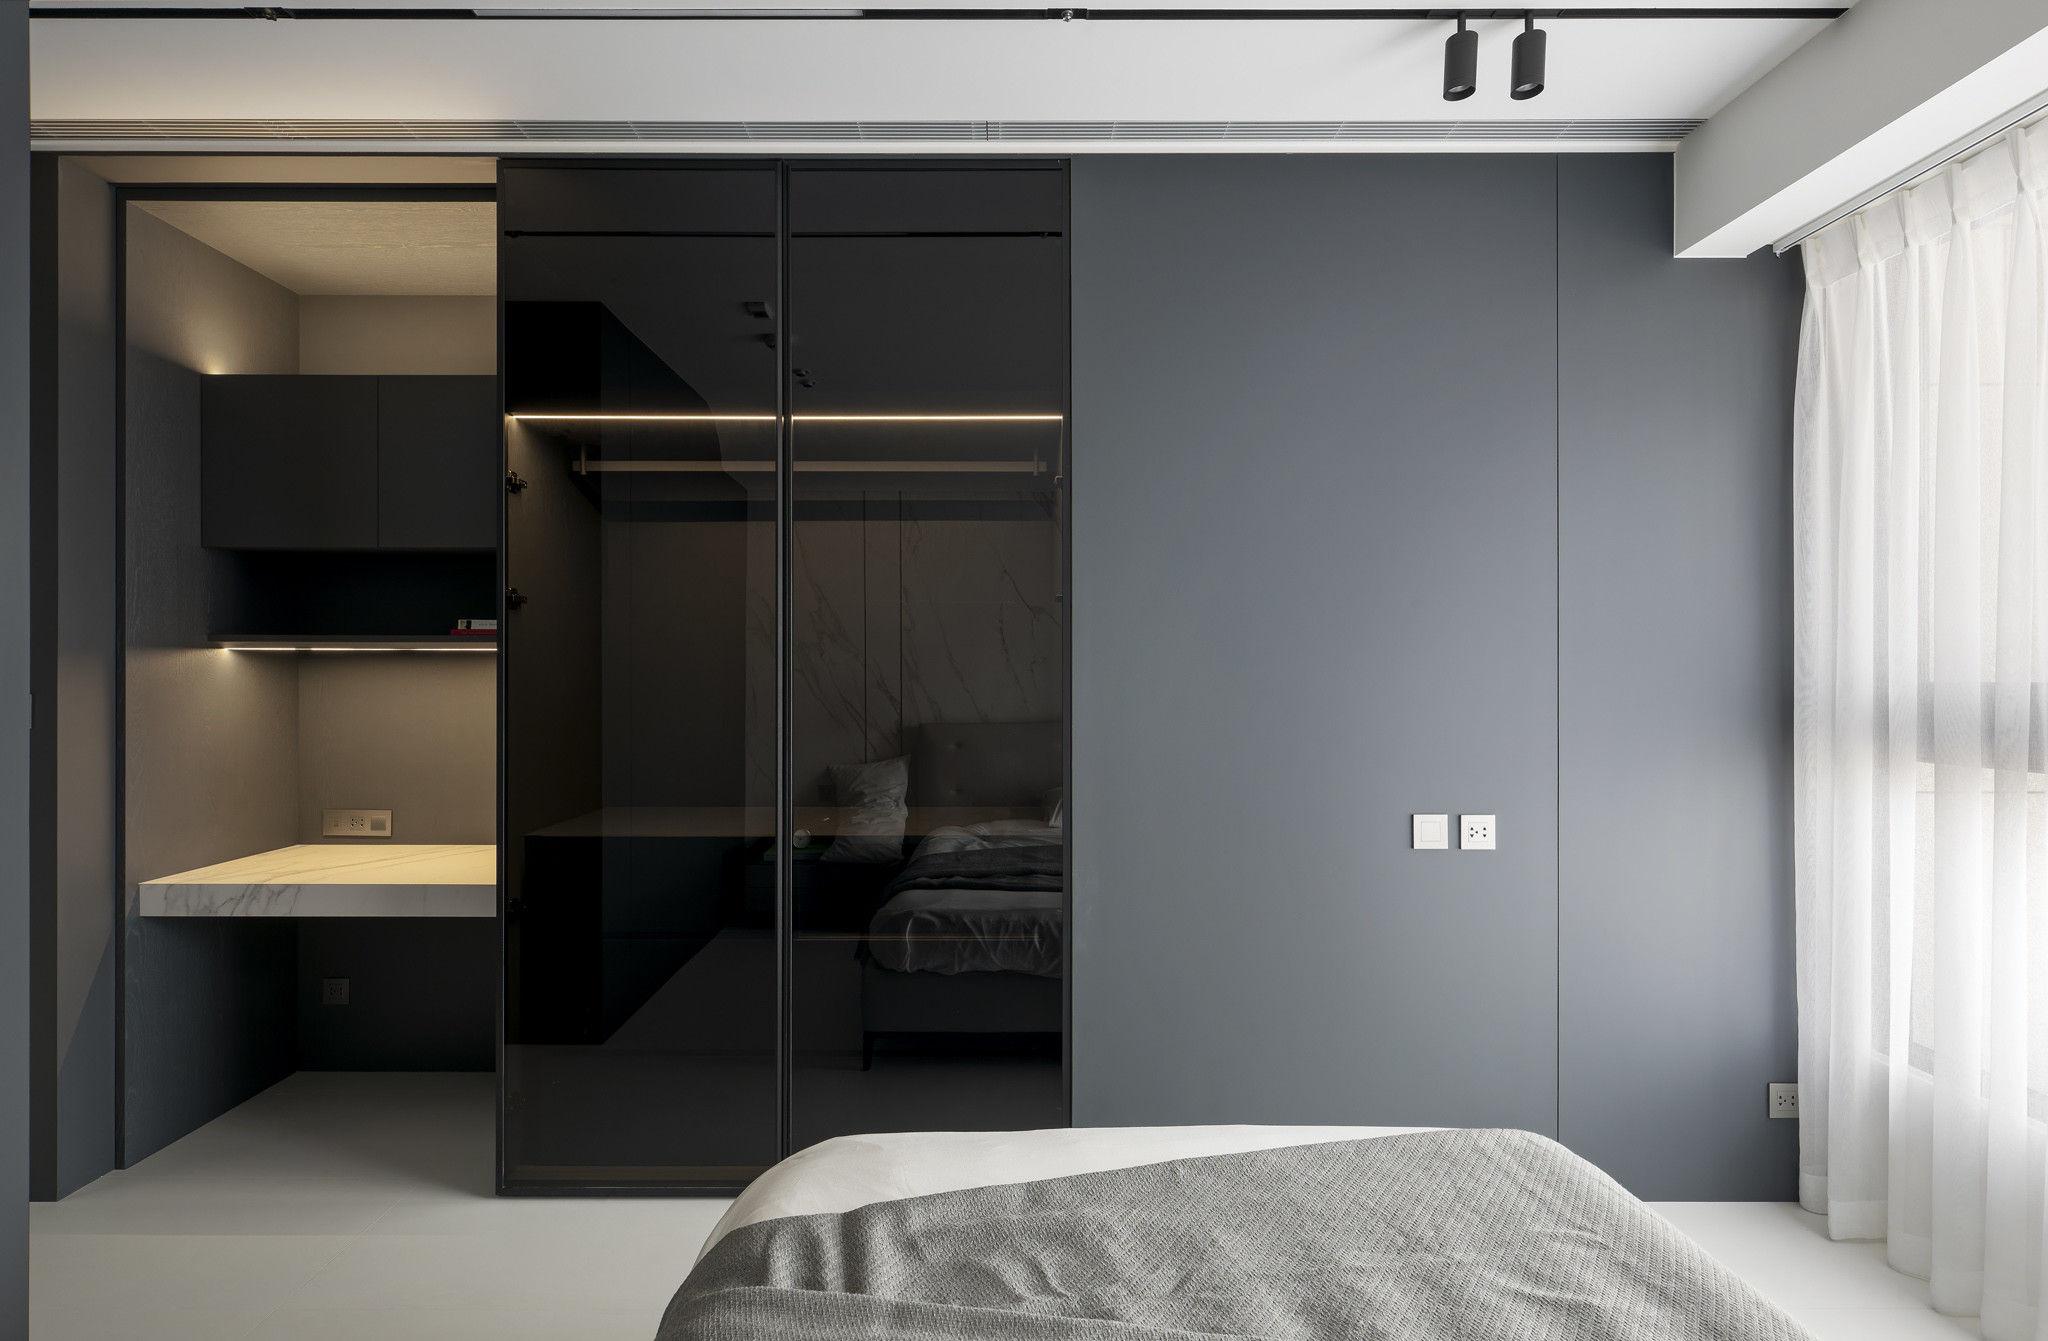 分子室內裝修設計-現代極簡風、台中室內裝修、室內設計、石材紋臥室、訂製機能櫃